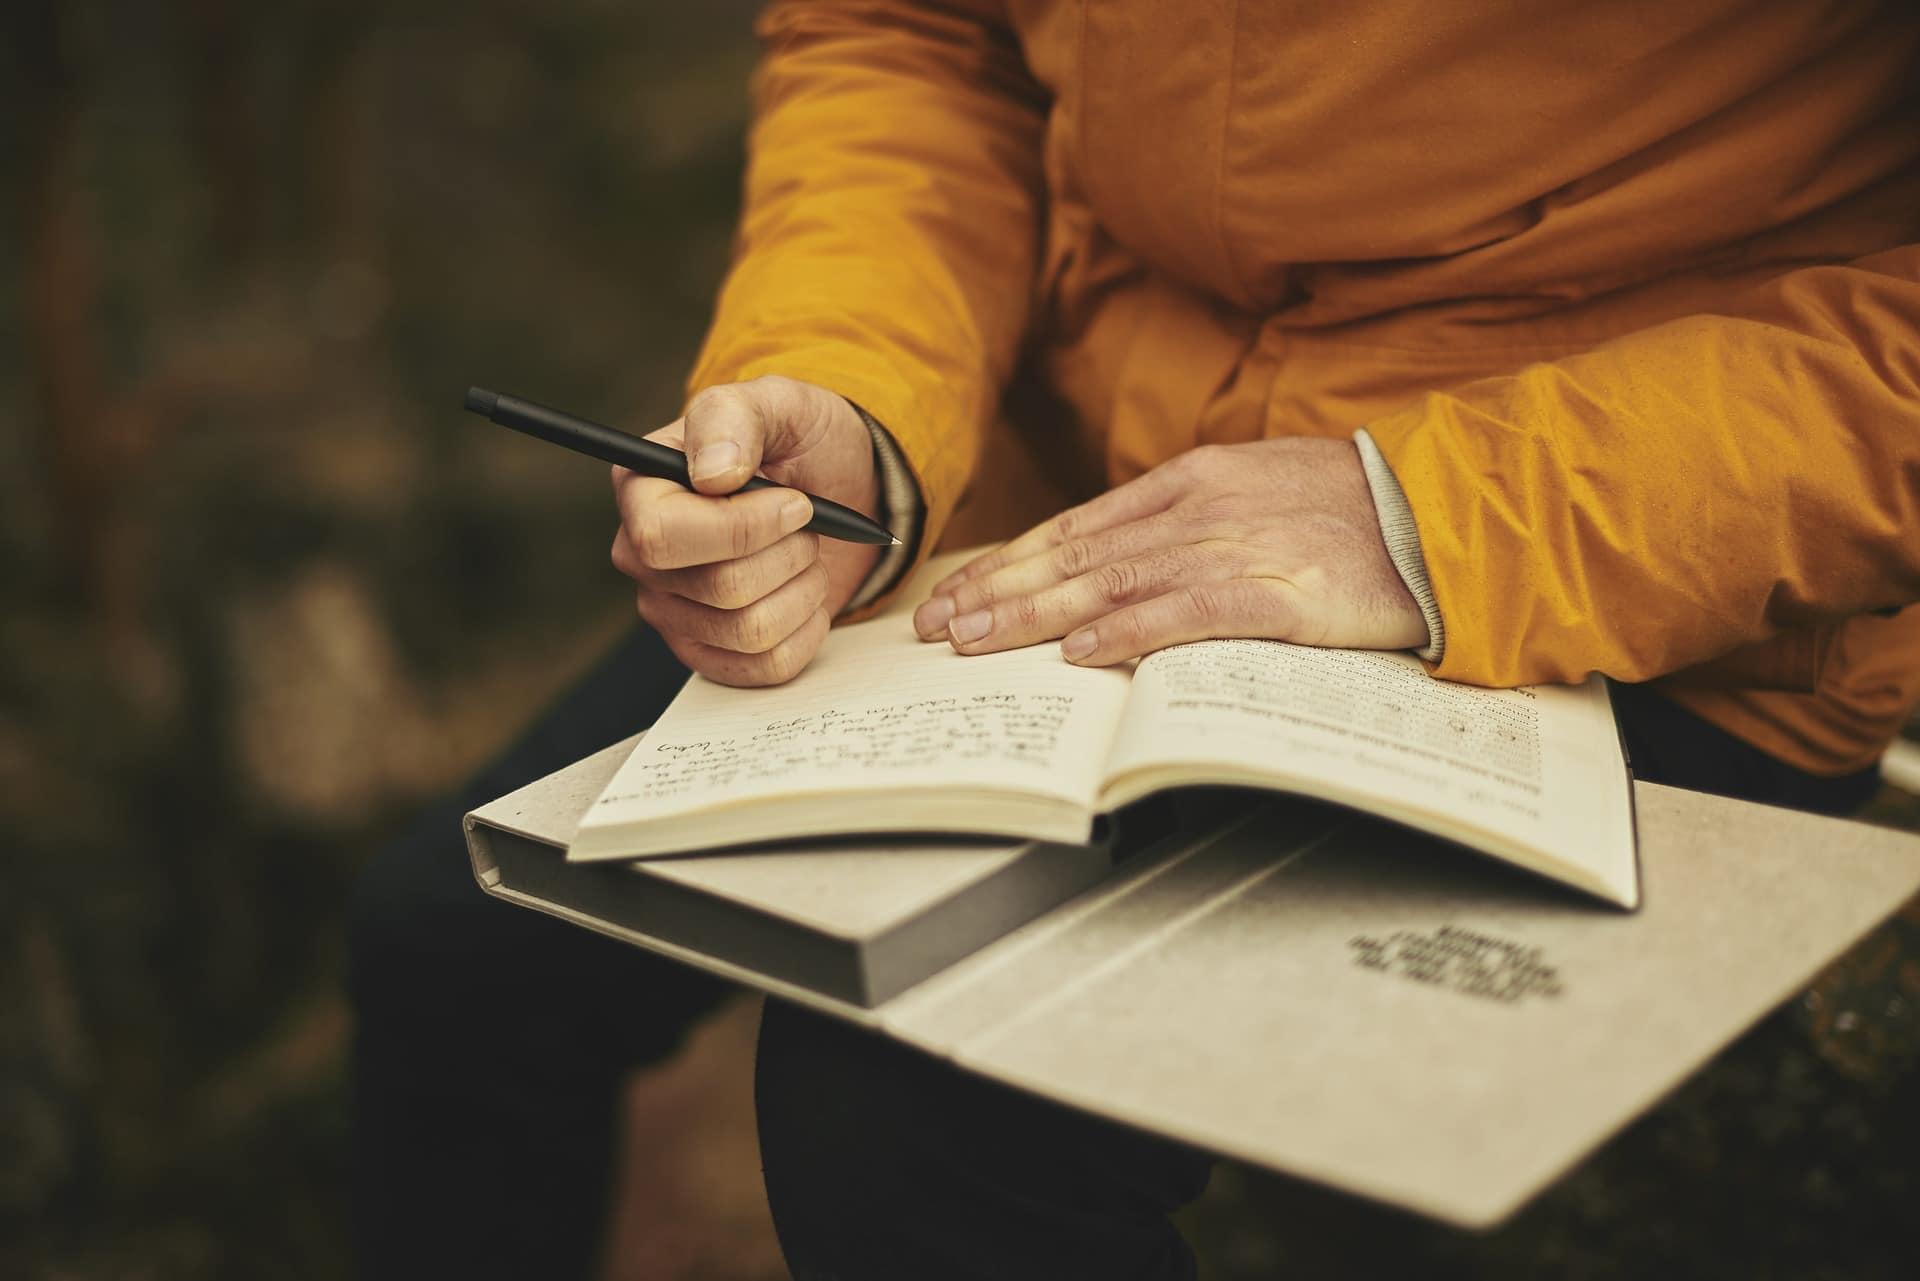 femme écrit dans un cahier